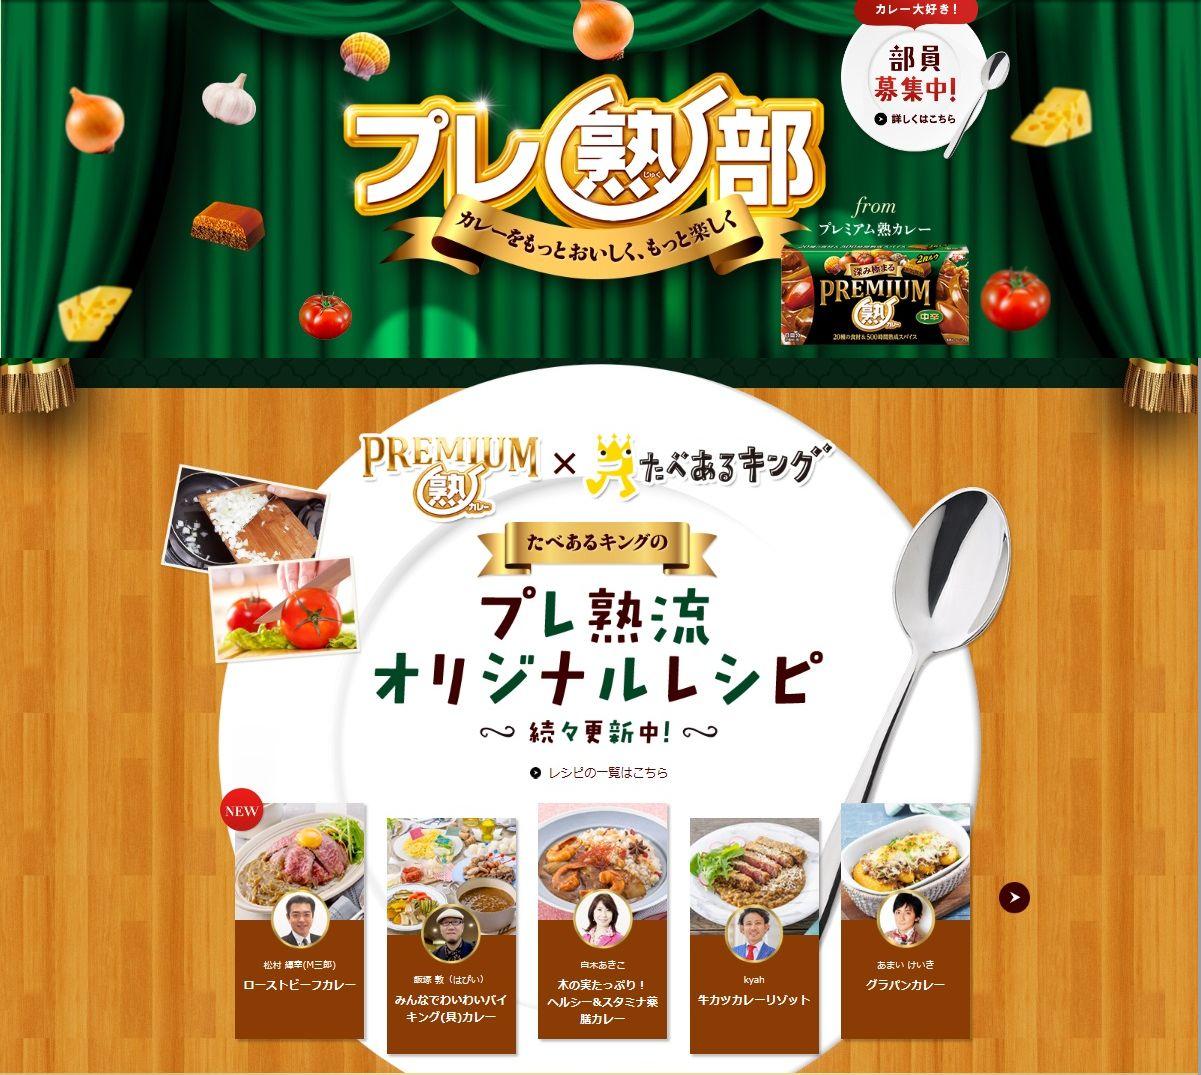 グリコプレミアム熟カレー×M三郎(たべあるキング)コラボ企画! 「プレ熟流オリジナルレシピ」による絶品レシピを公開!